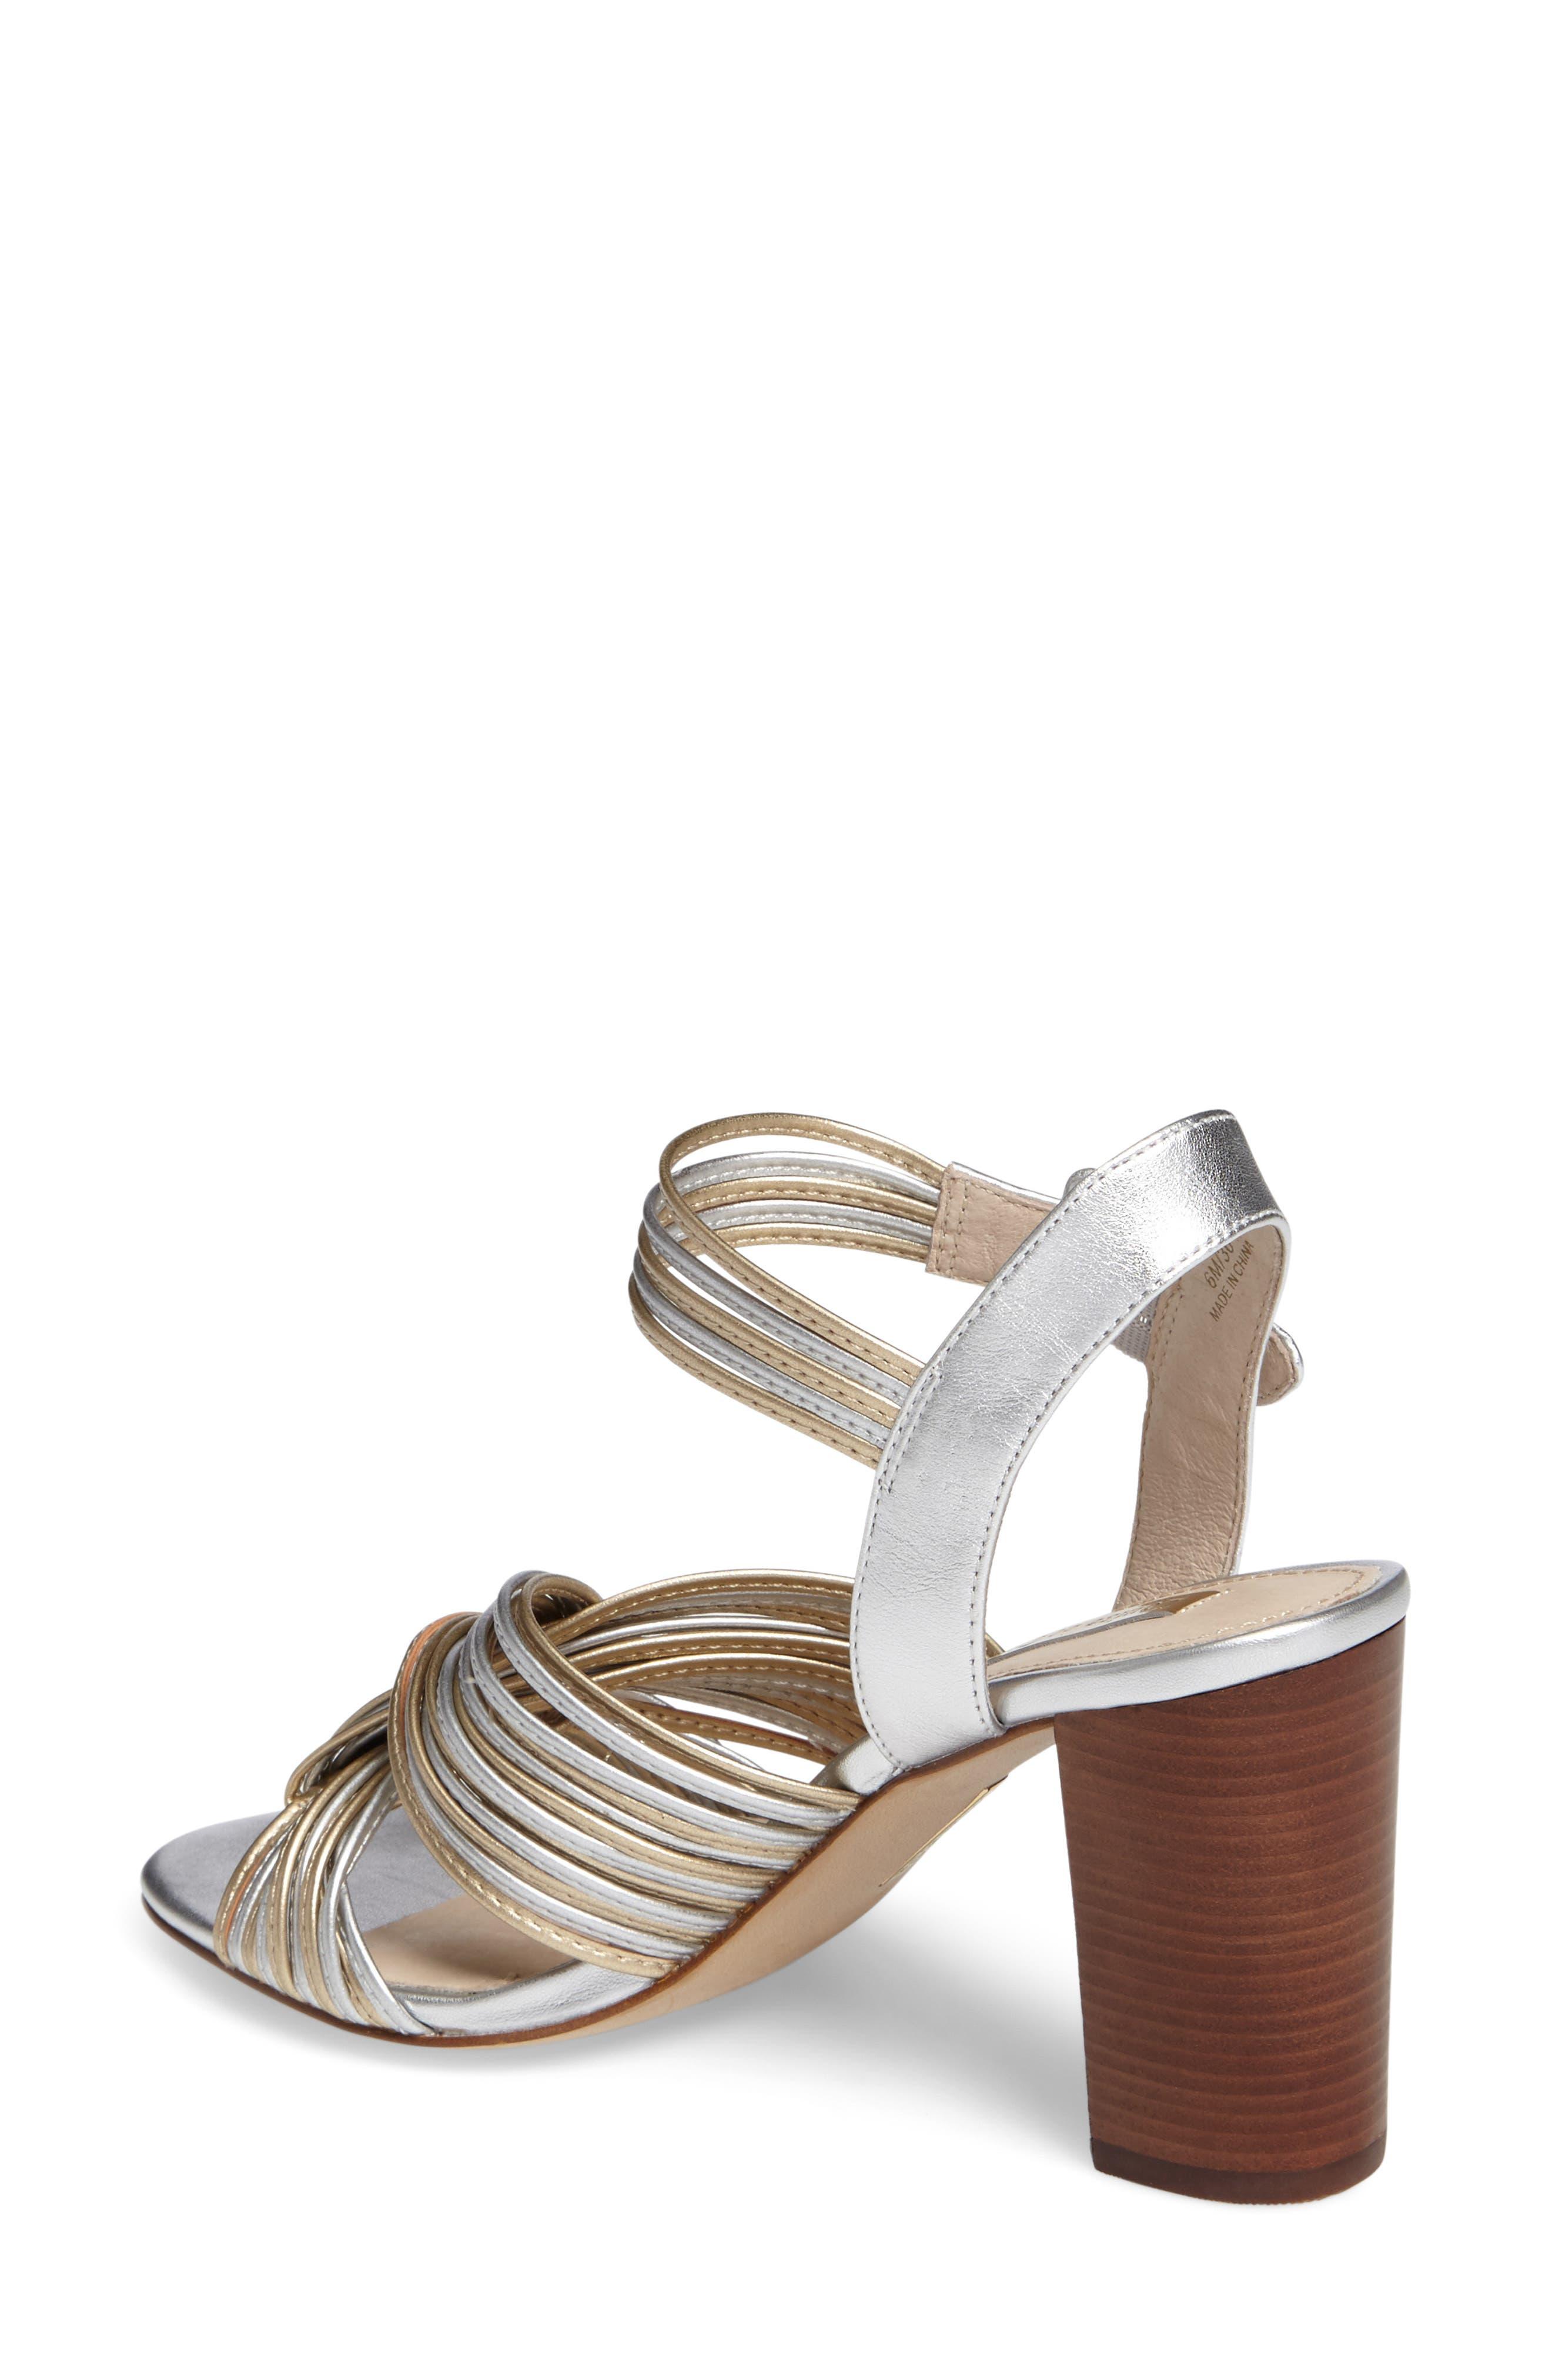 Kamden Knotted Block Heel Sandal,                             Alternate thumbnail 2, color,                             711